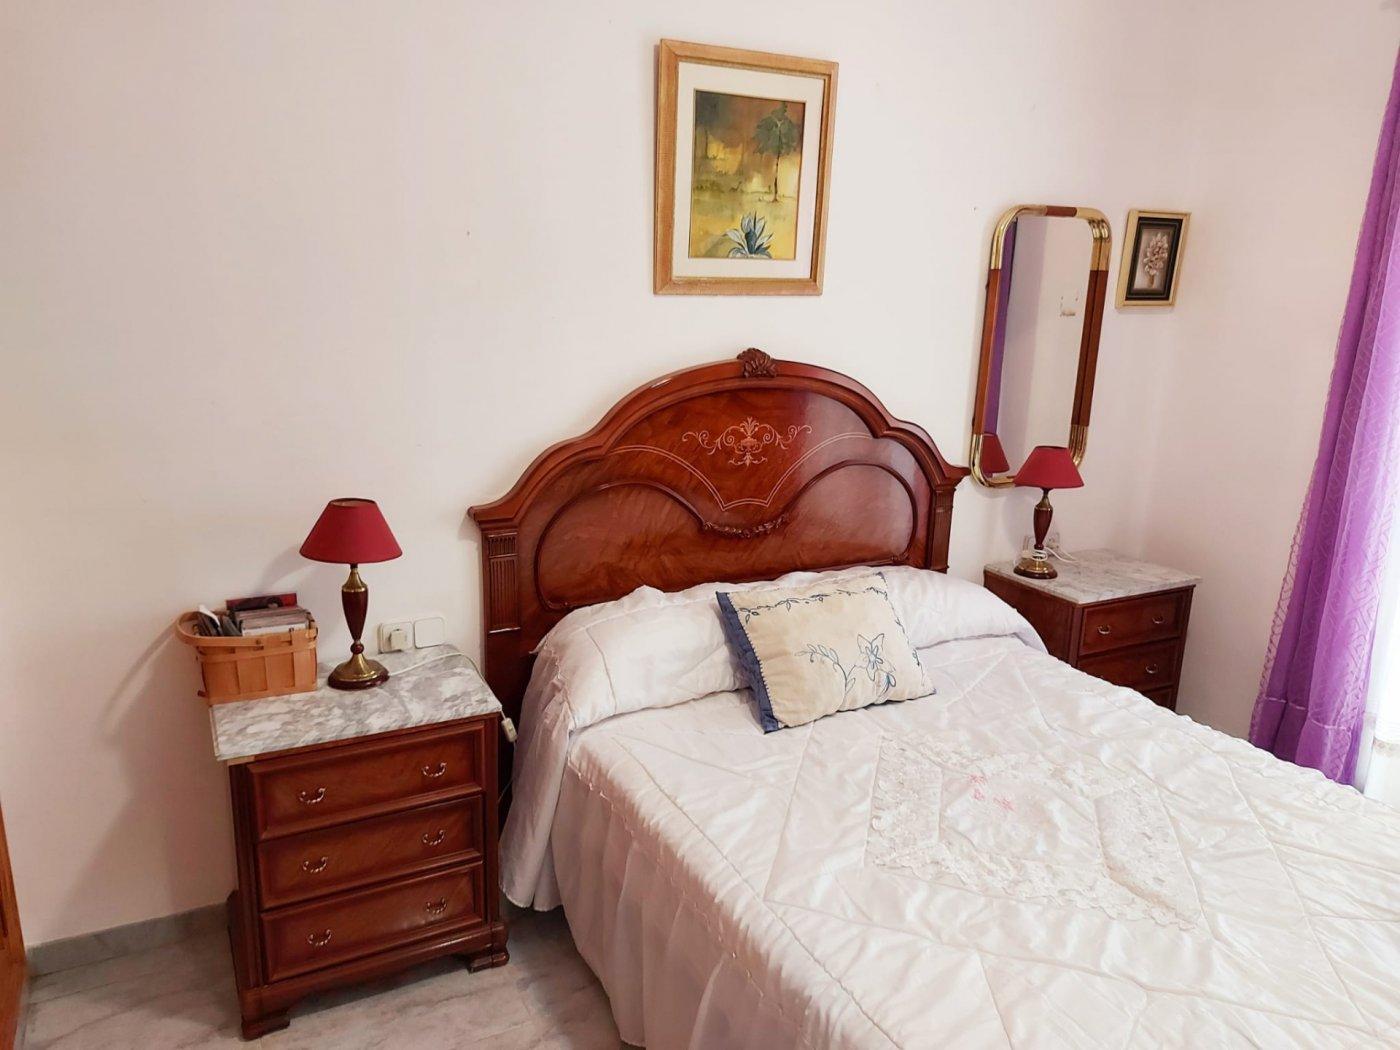 En venta espectacular casa o chalet en can carbonellell-sa cabana - imagenInmueble14